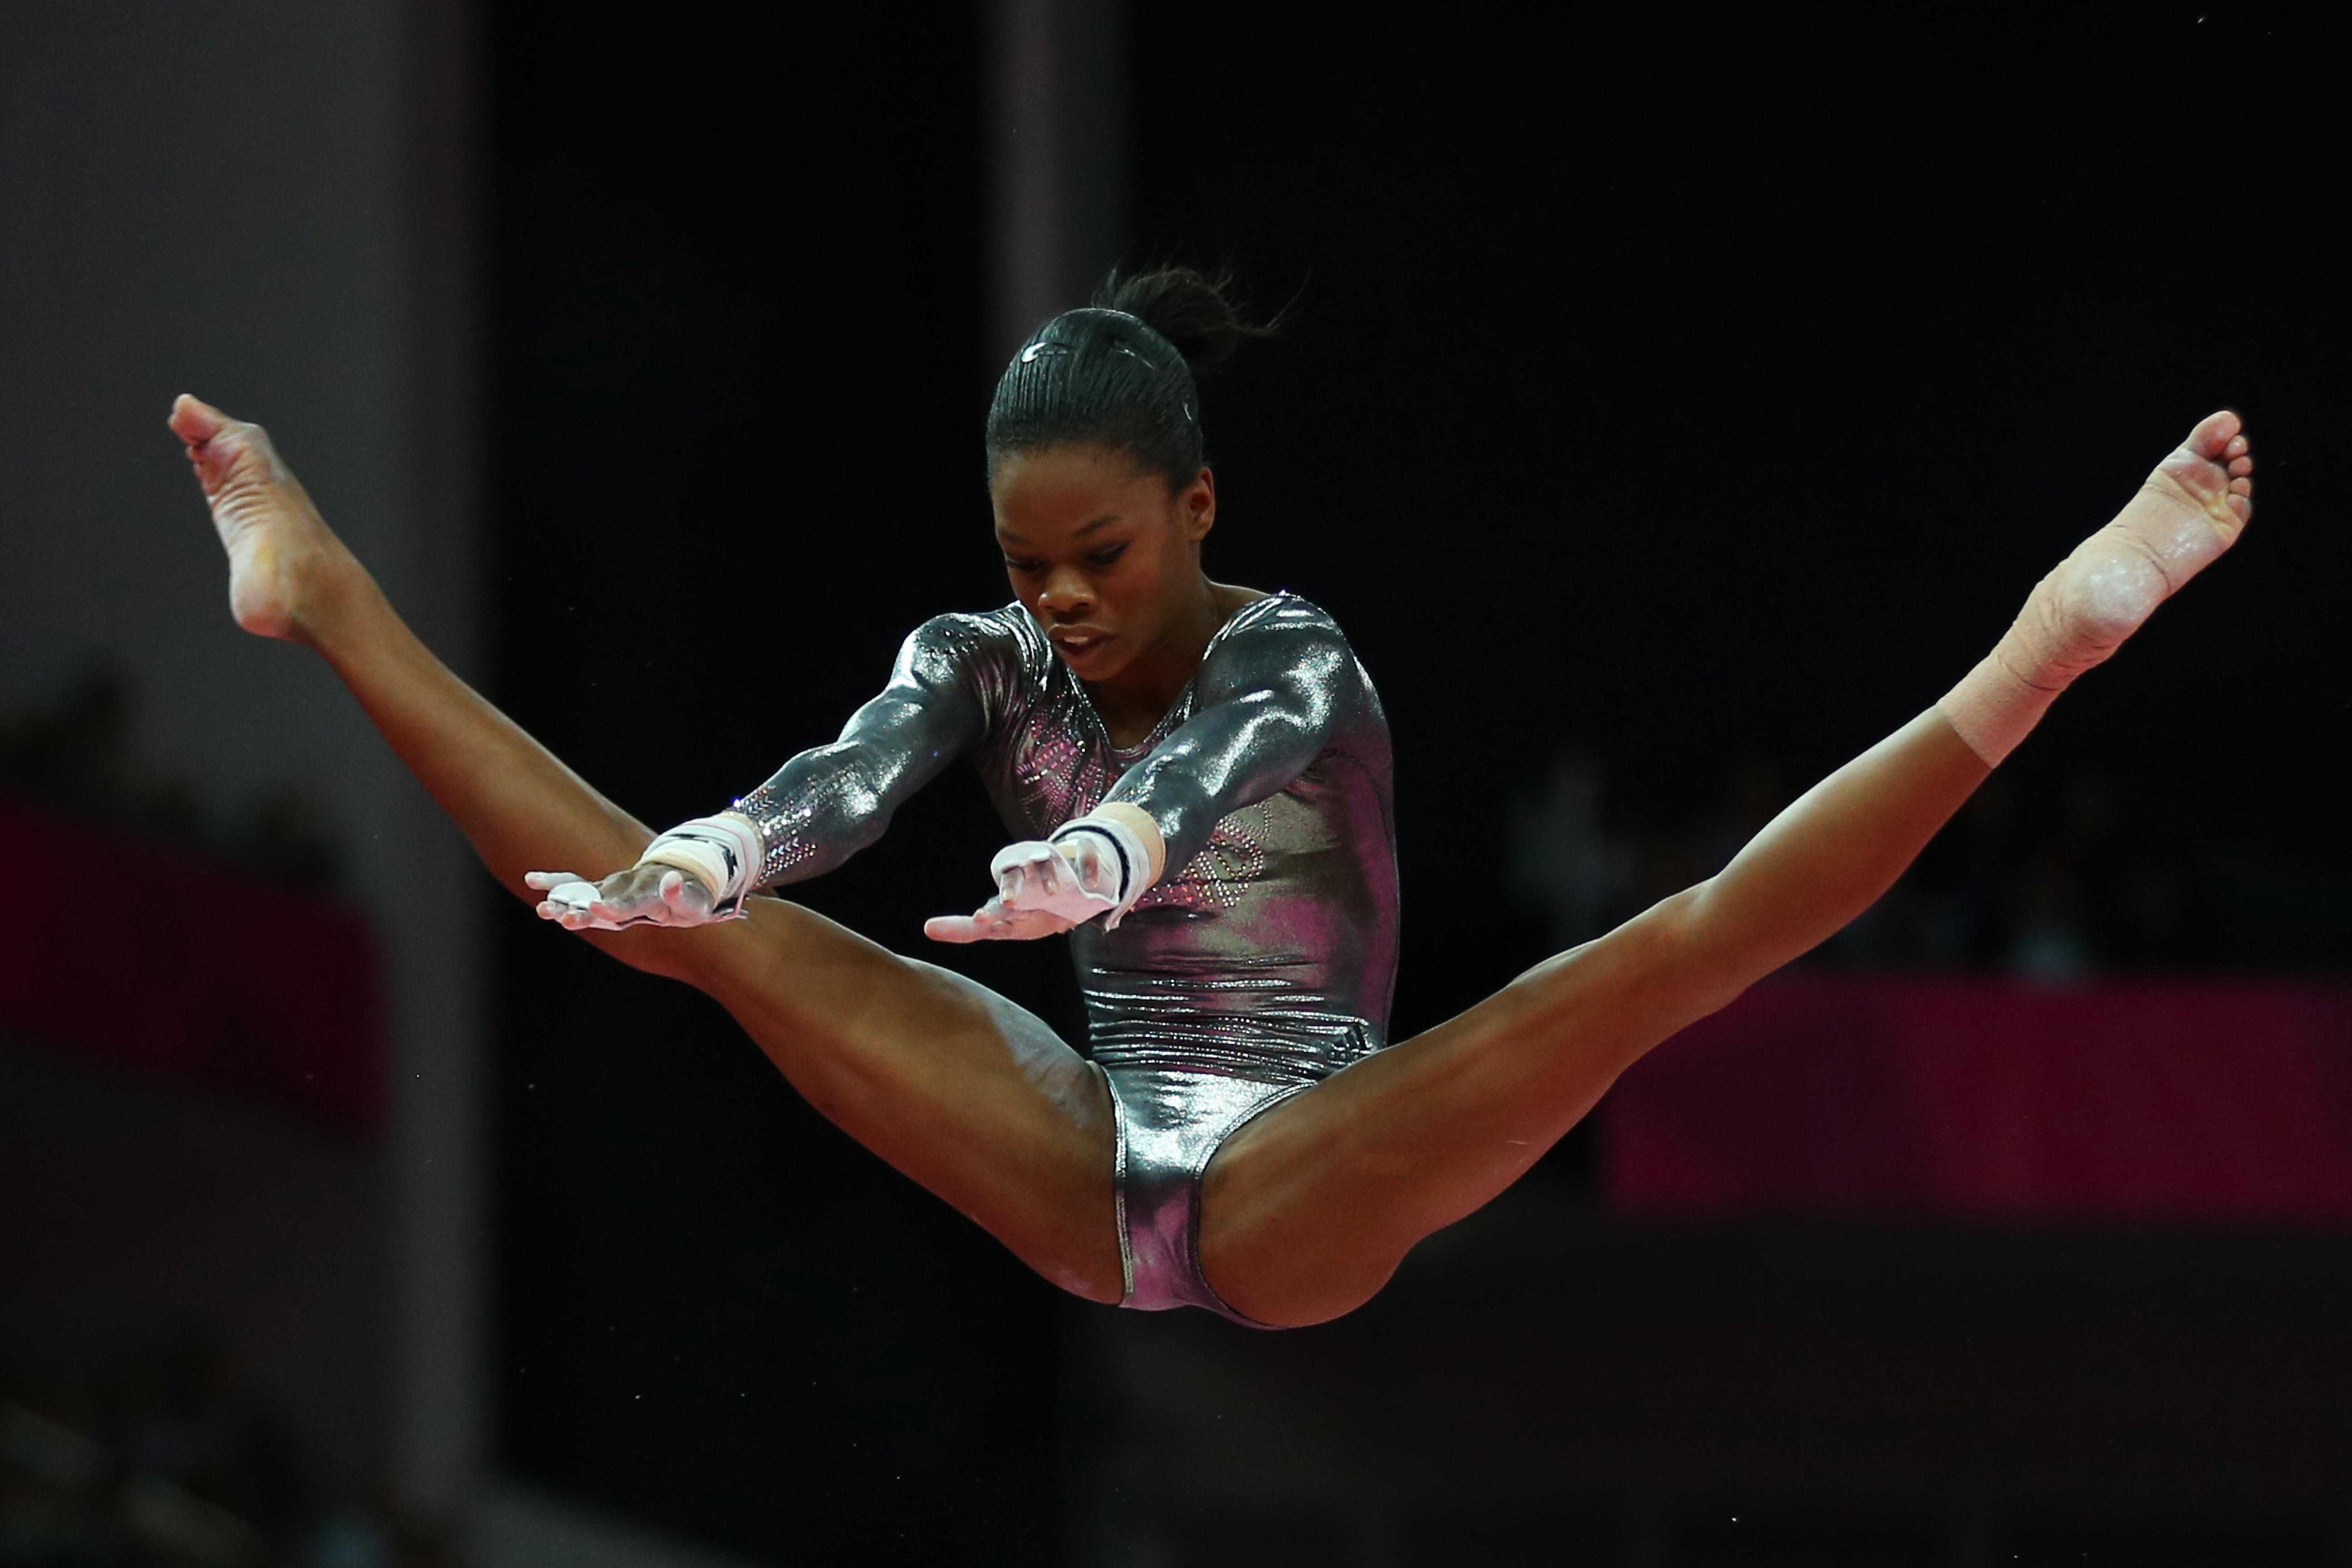 фото гимнастка мокрая попка главной